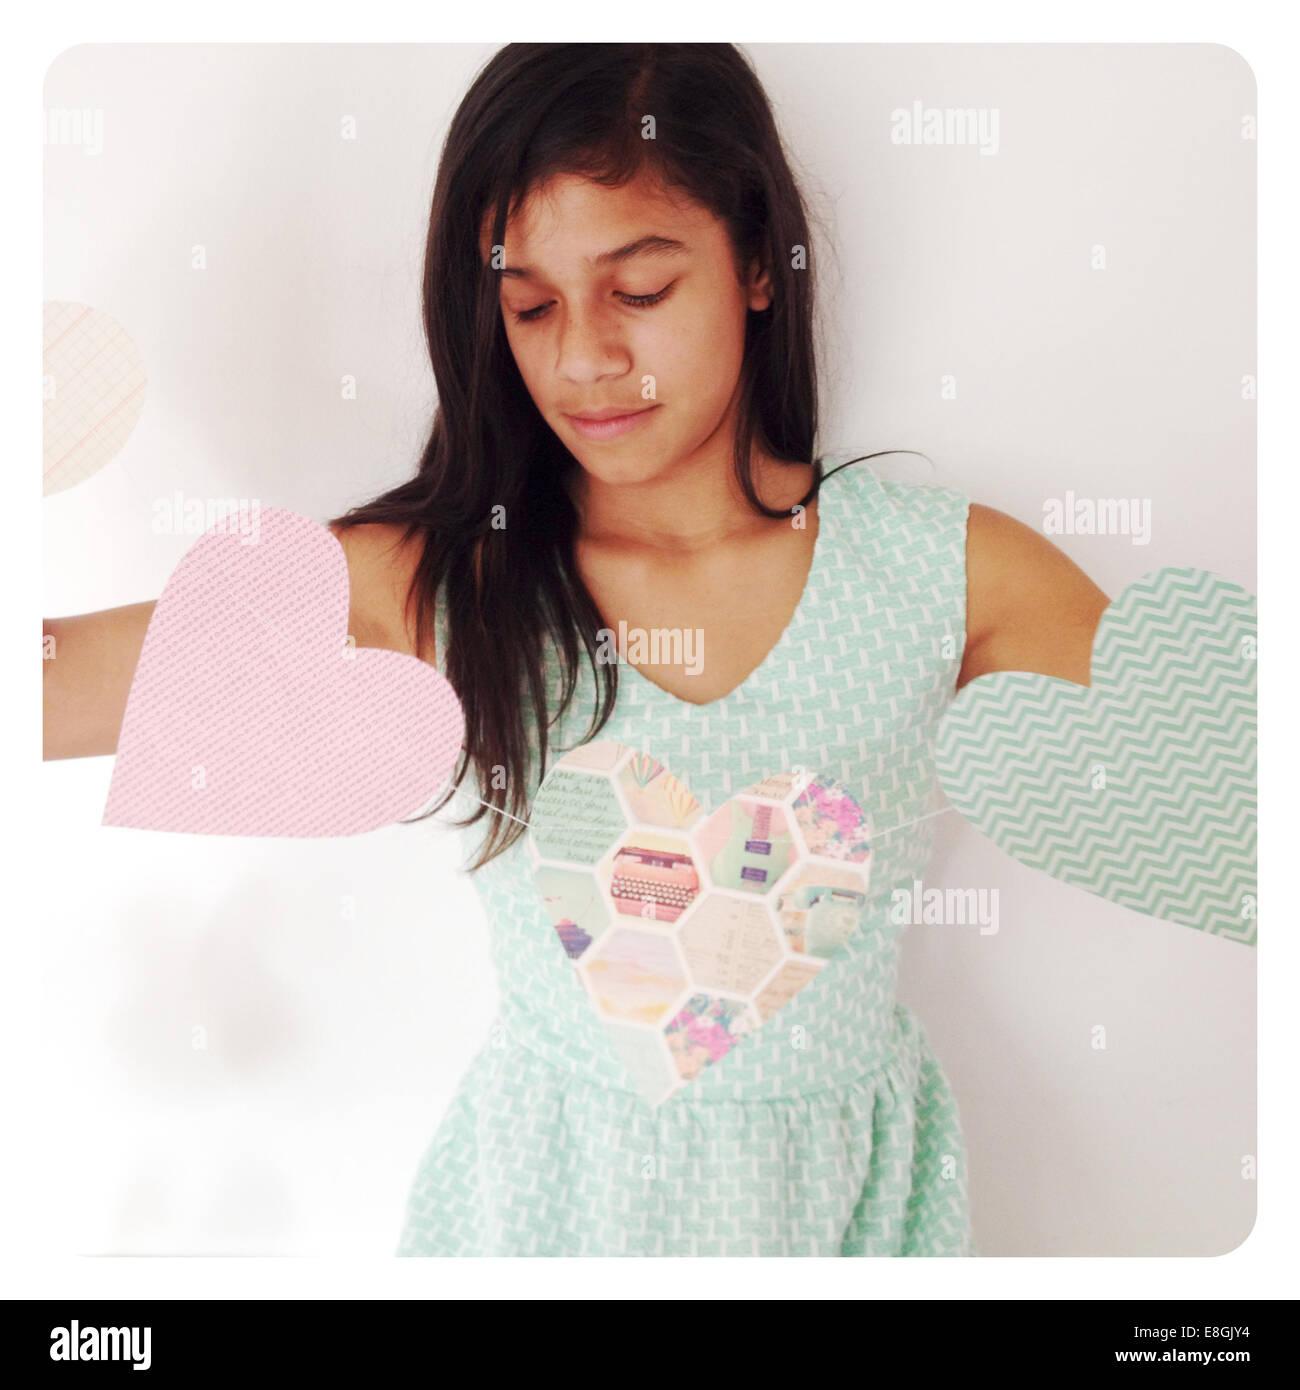 Girl holding heart shape banner Photo Stock